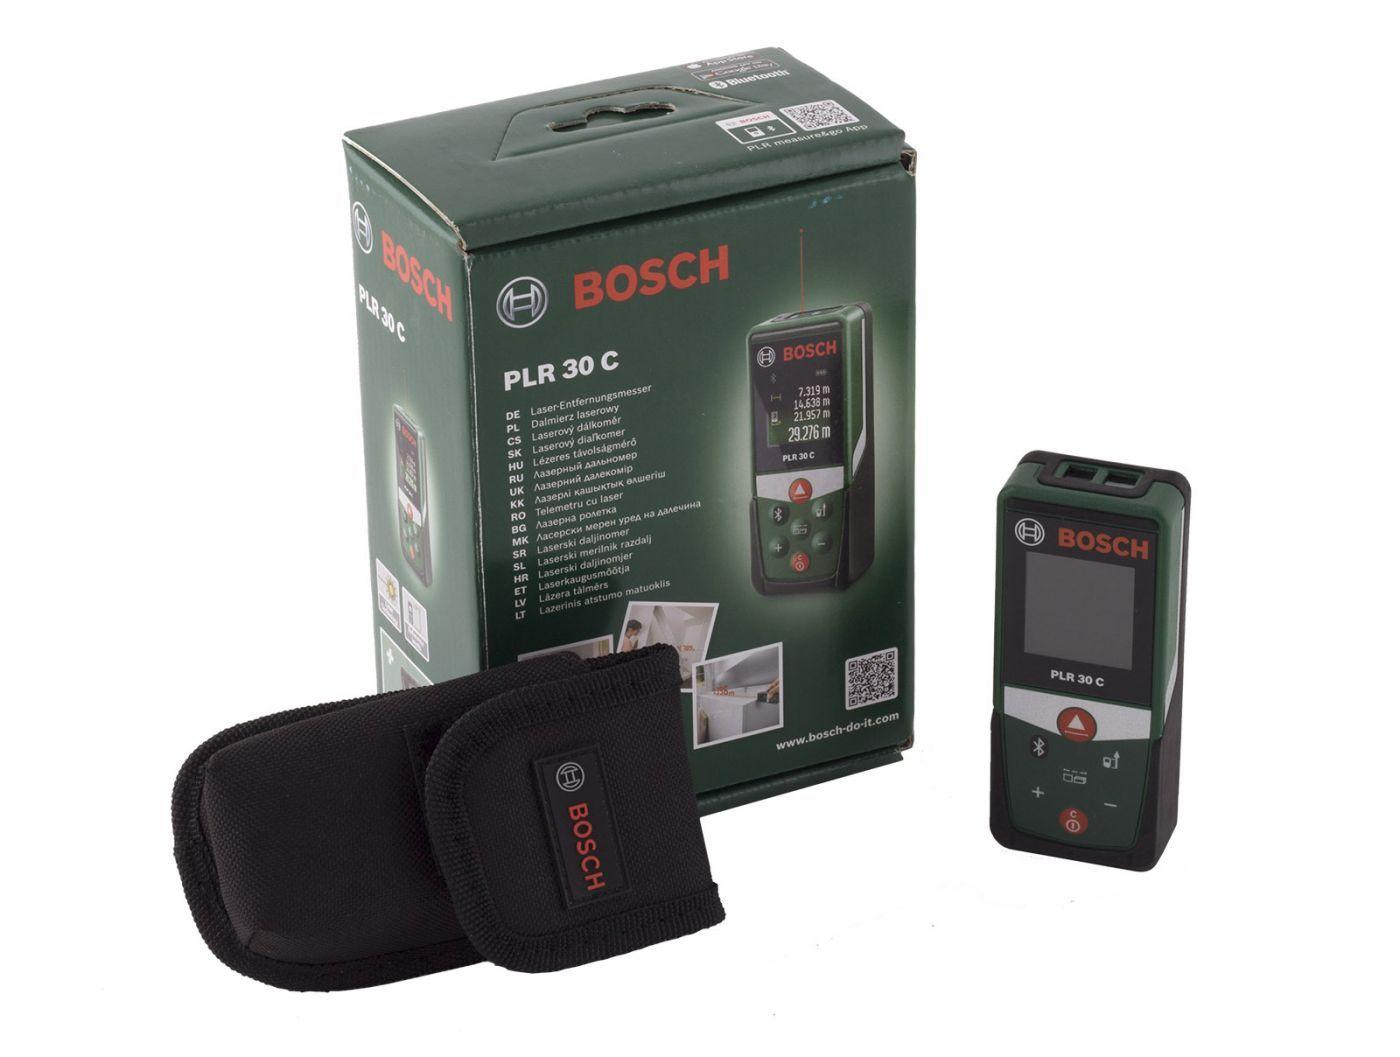 Bosch Entfernungsmesser Plr 30 : Laser entfernungsmesser plr c bosch ebay kleinanzeigen